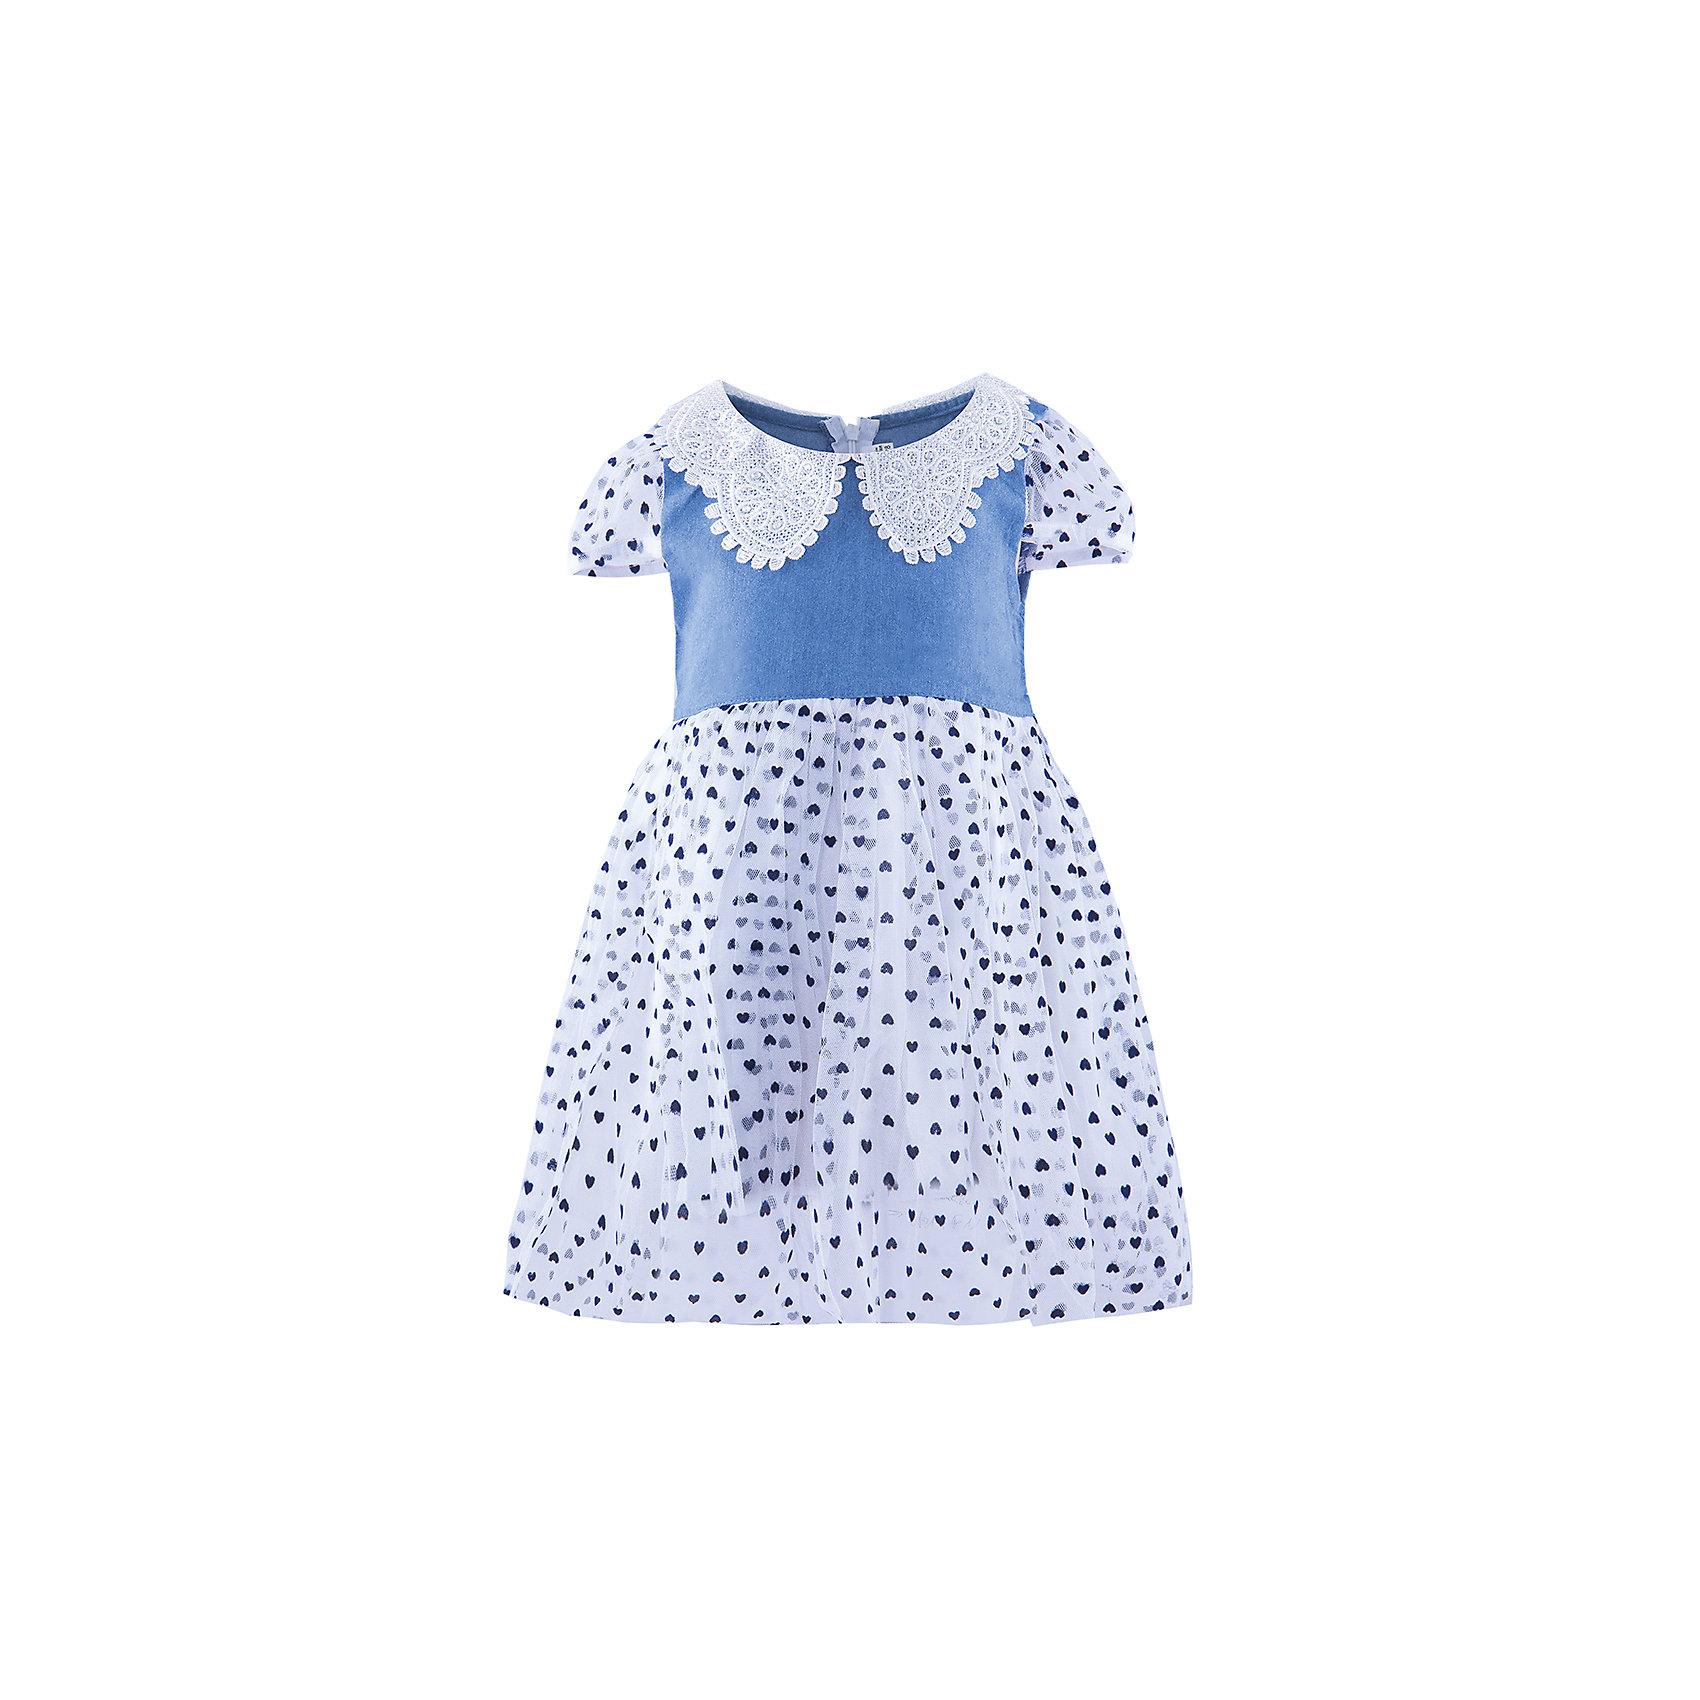 Нарядное платье ВенераНарядное платье для девочки от бренда Венера<br><br>Модное платье отлично подойдет для праздника или похода в гости. В любой ситуации ребенок   в нем будет выглядеть достойно, а чувствовать себя - комфортно.<br><br>Особенности модели:<br><br>- состав: верх- 50% полиэстер 50% хлопок, подклад-100% хлопок<br>- материал - разной фактуры (верх - тонкая джинса, низ - многослойный);<br>- цвет - синий, белый;<br>- отложной воротник из кружева со стразами;<br>- рукава короткие, фонариком, из органзы;<br>- трехслойный пышный подол из органзы с набивным принтом;<br>- сзади застежка-молния;<br>- пояс из органзы сзади завязывается на бант.<br><br>Дополнительная информация:<br><br>Габариты:<br><br>длина по спинке - 55 см.<br><br>* соответствует размеру 98/104<br><br>Нарядное платье для девочки от бренда Венера можно купить в нашем магазине.<br><br>Ширина мм: 236<br>Глубина мм: 16<br>Высота мм: 184<br>Вес г: 177<br>Цвет: белый<br>Возраст от месяцев: 36<br>Возраст до месяцев: 48<br>Пол: Женский<br>Возраст: Детский<br>Размер: 98/104,110/116,116/122,104/110<br>SKU: 4322149